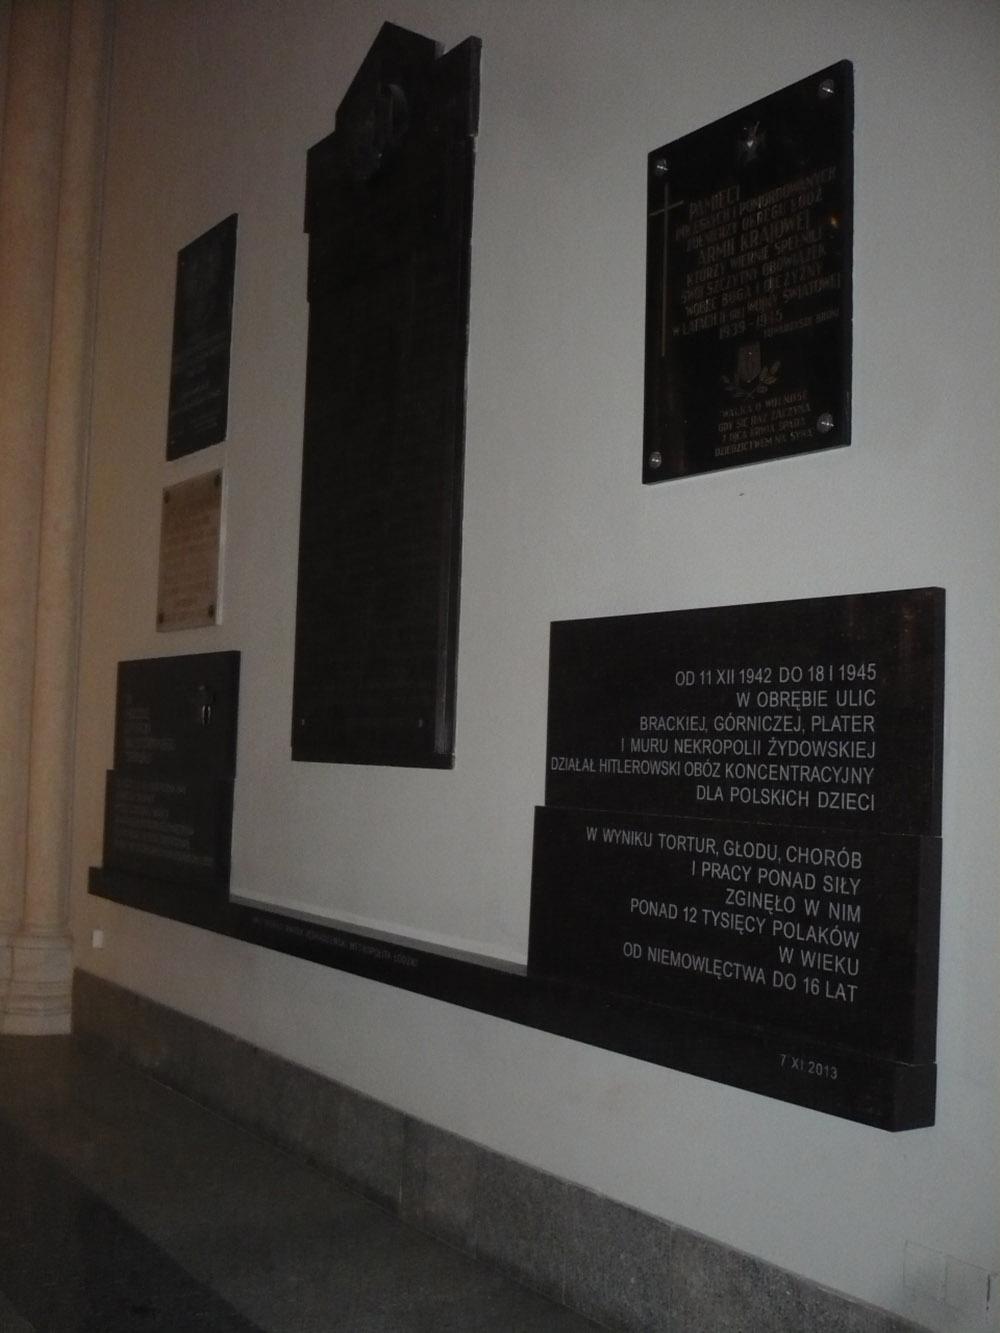 Plaquettes Bazylika archikatedralna św. Stanisława Kostki